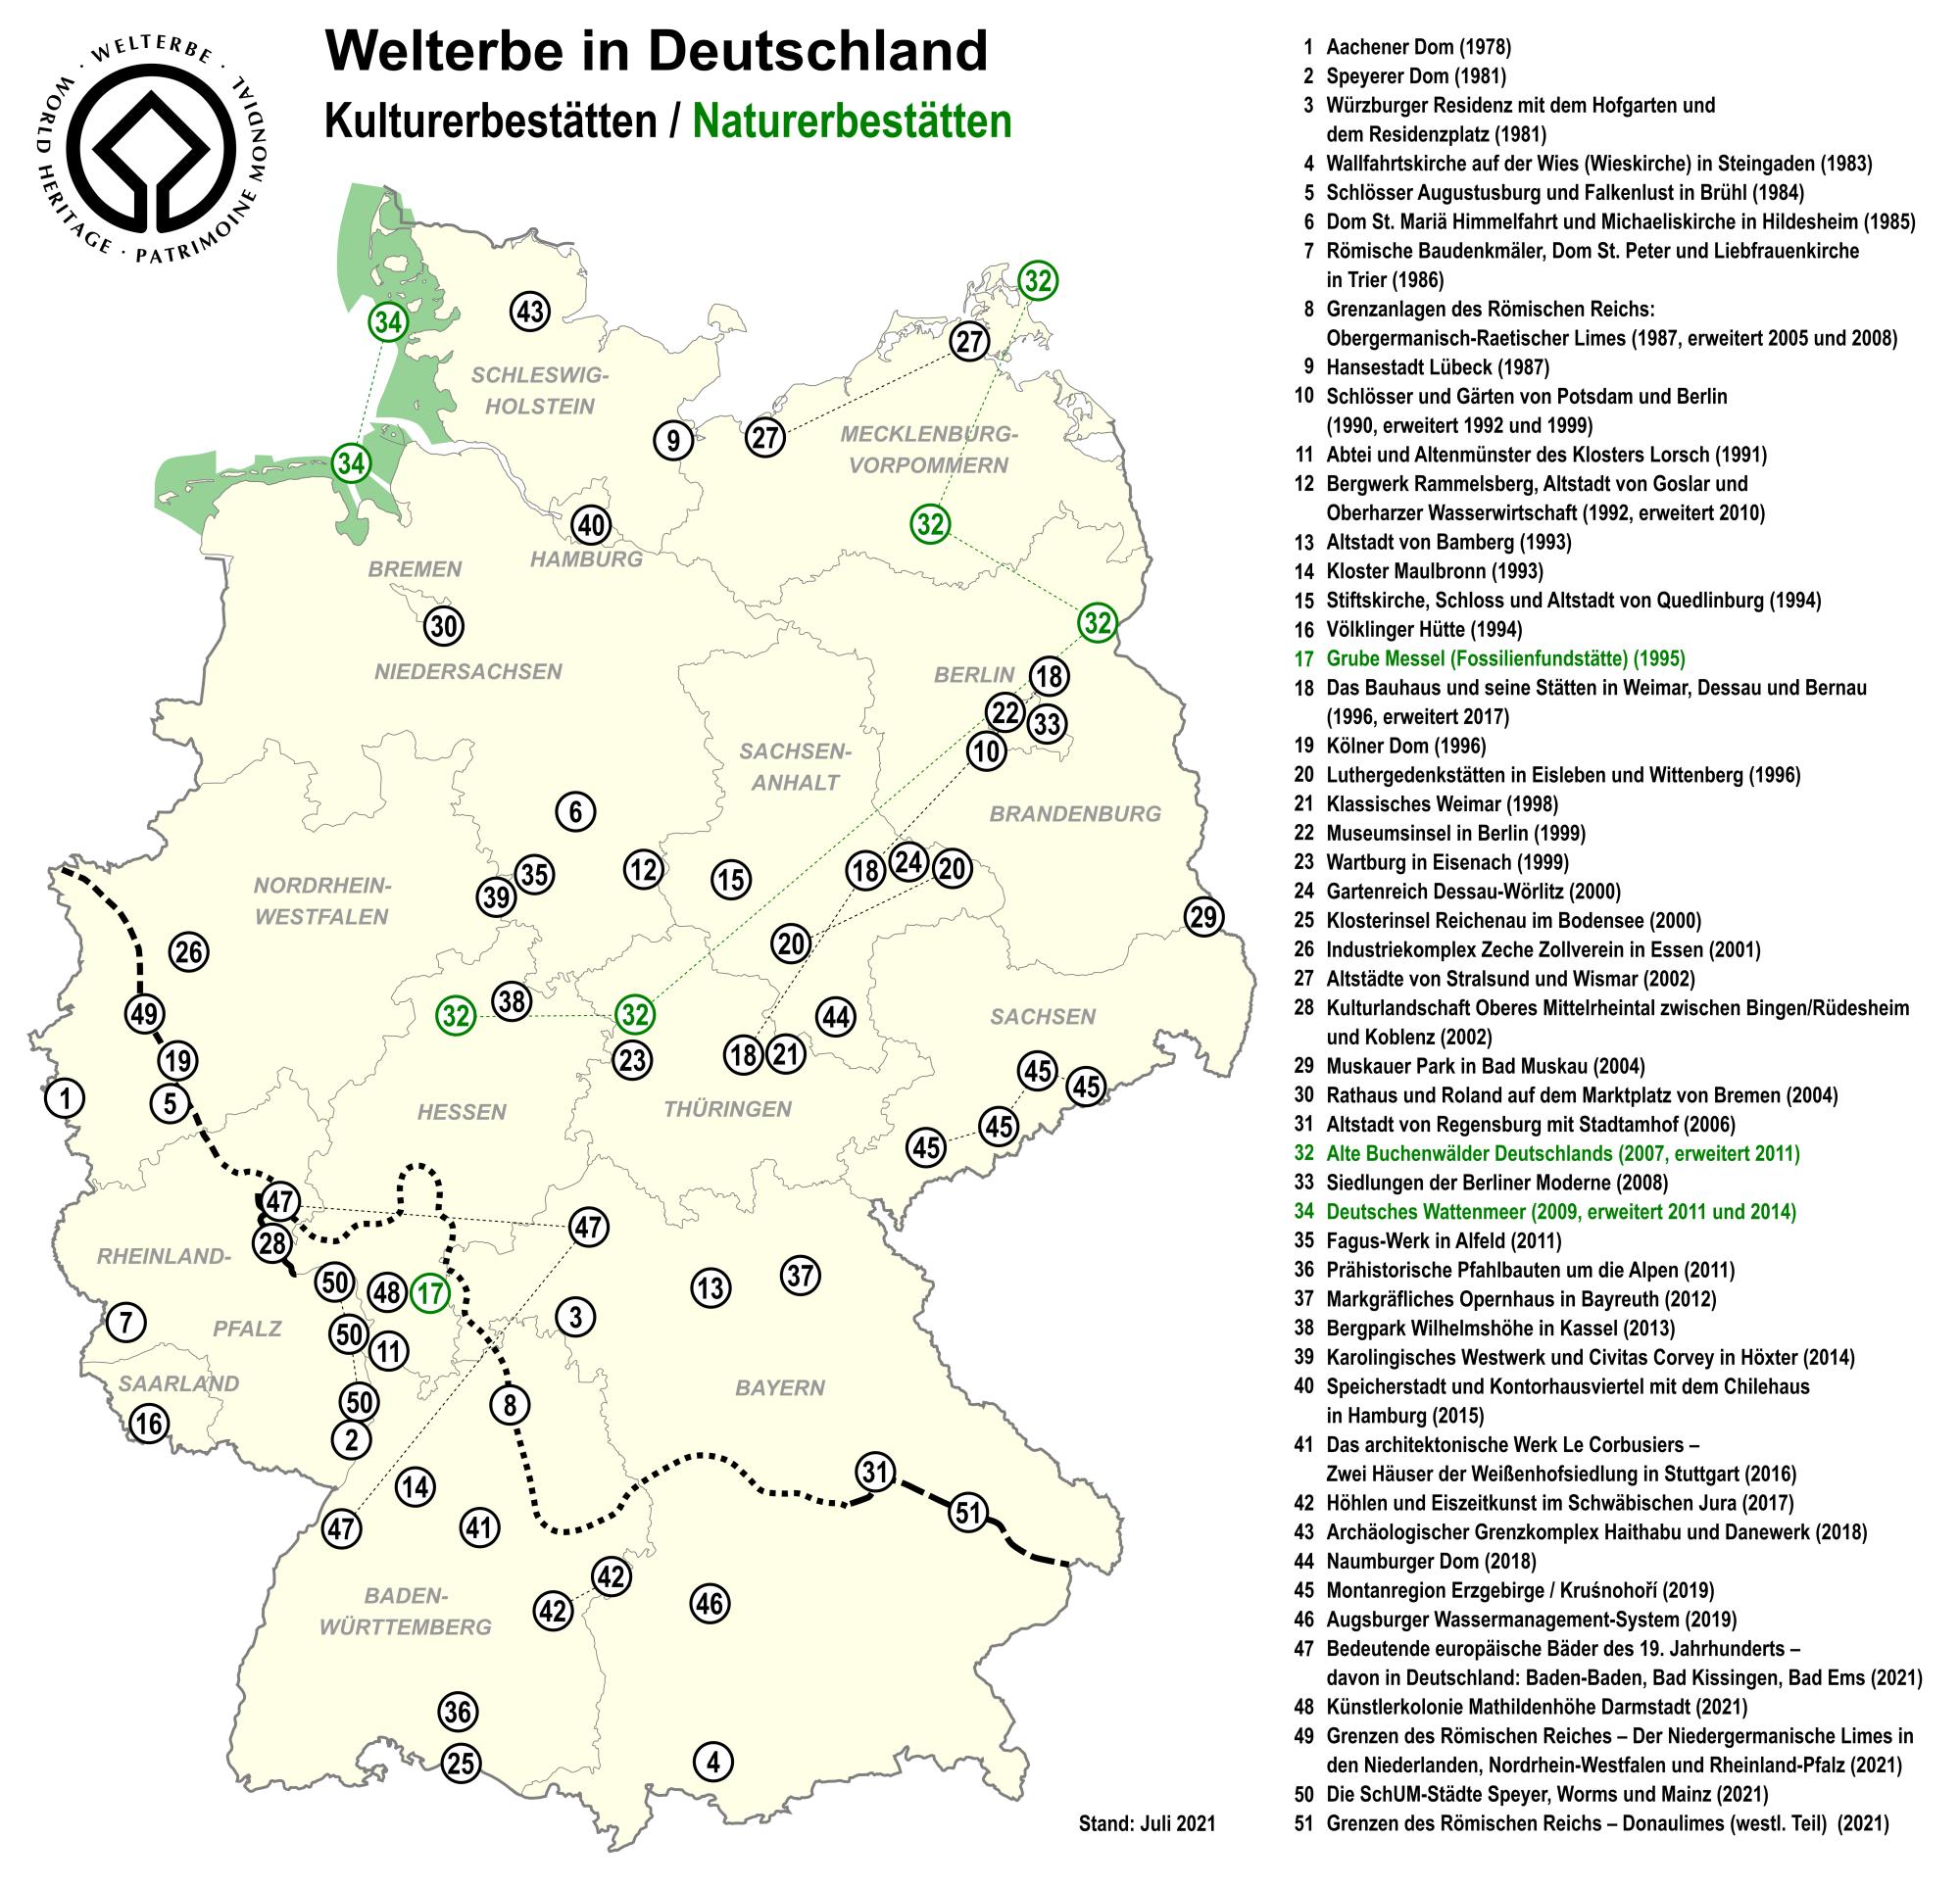 Die Welterbestätten in Deutschland sind bedeutende Besuchsziele.